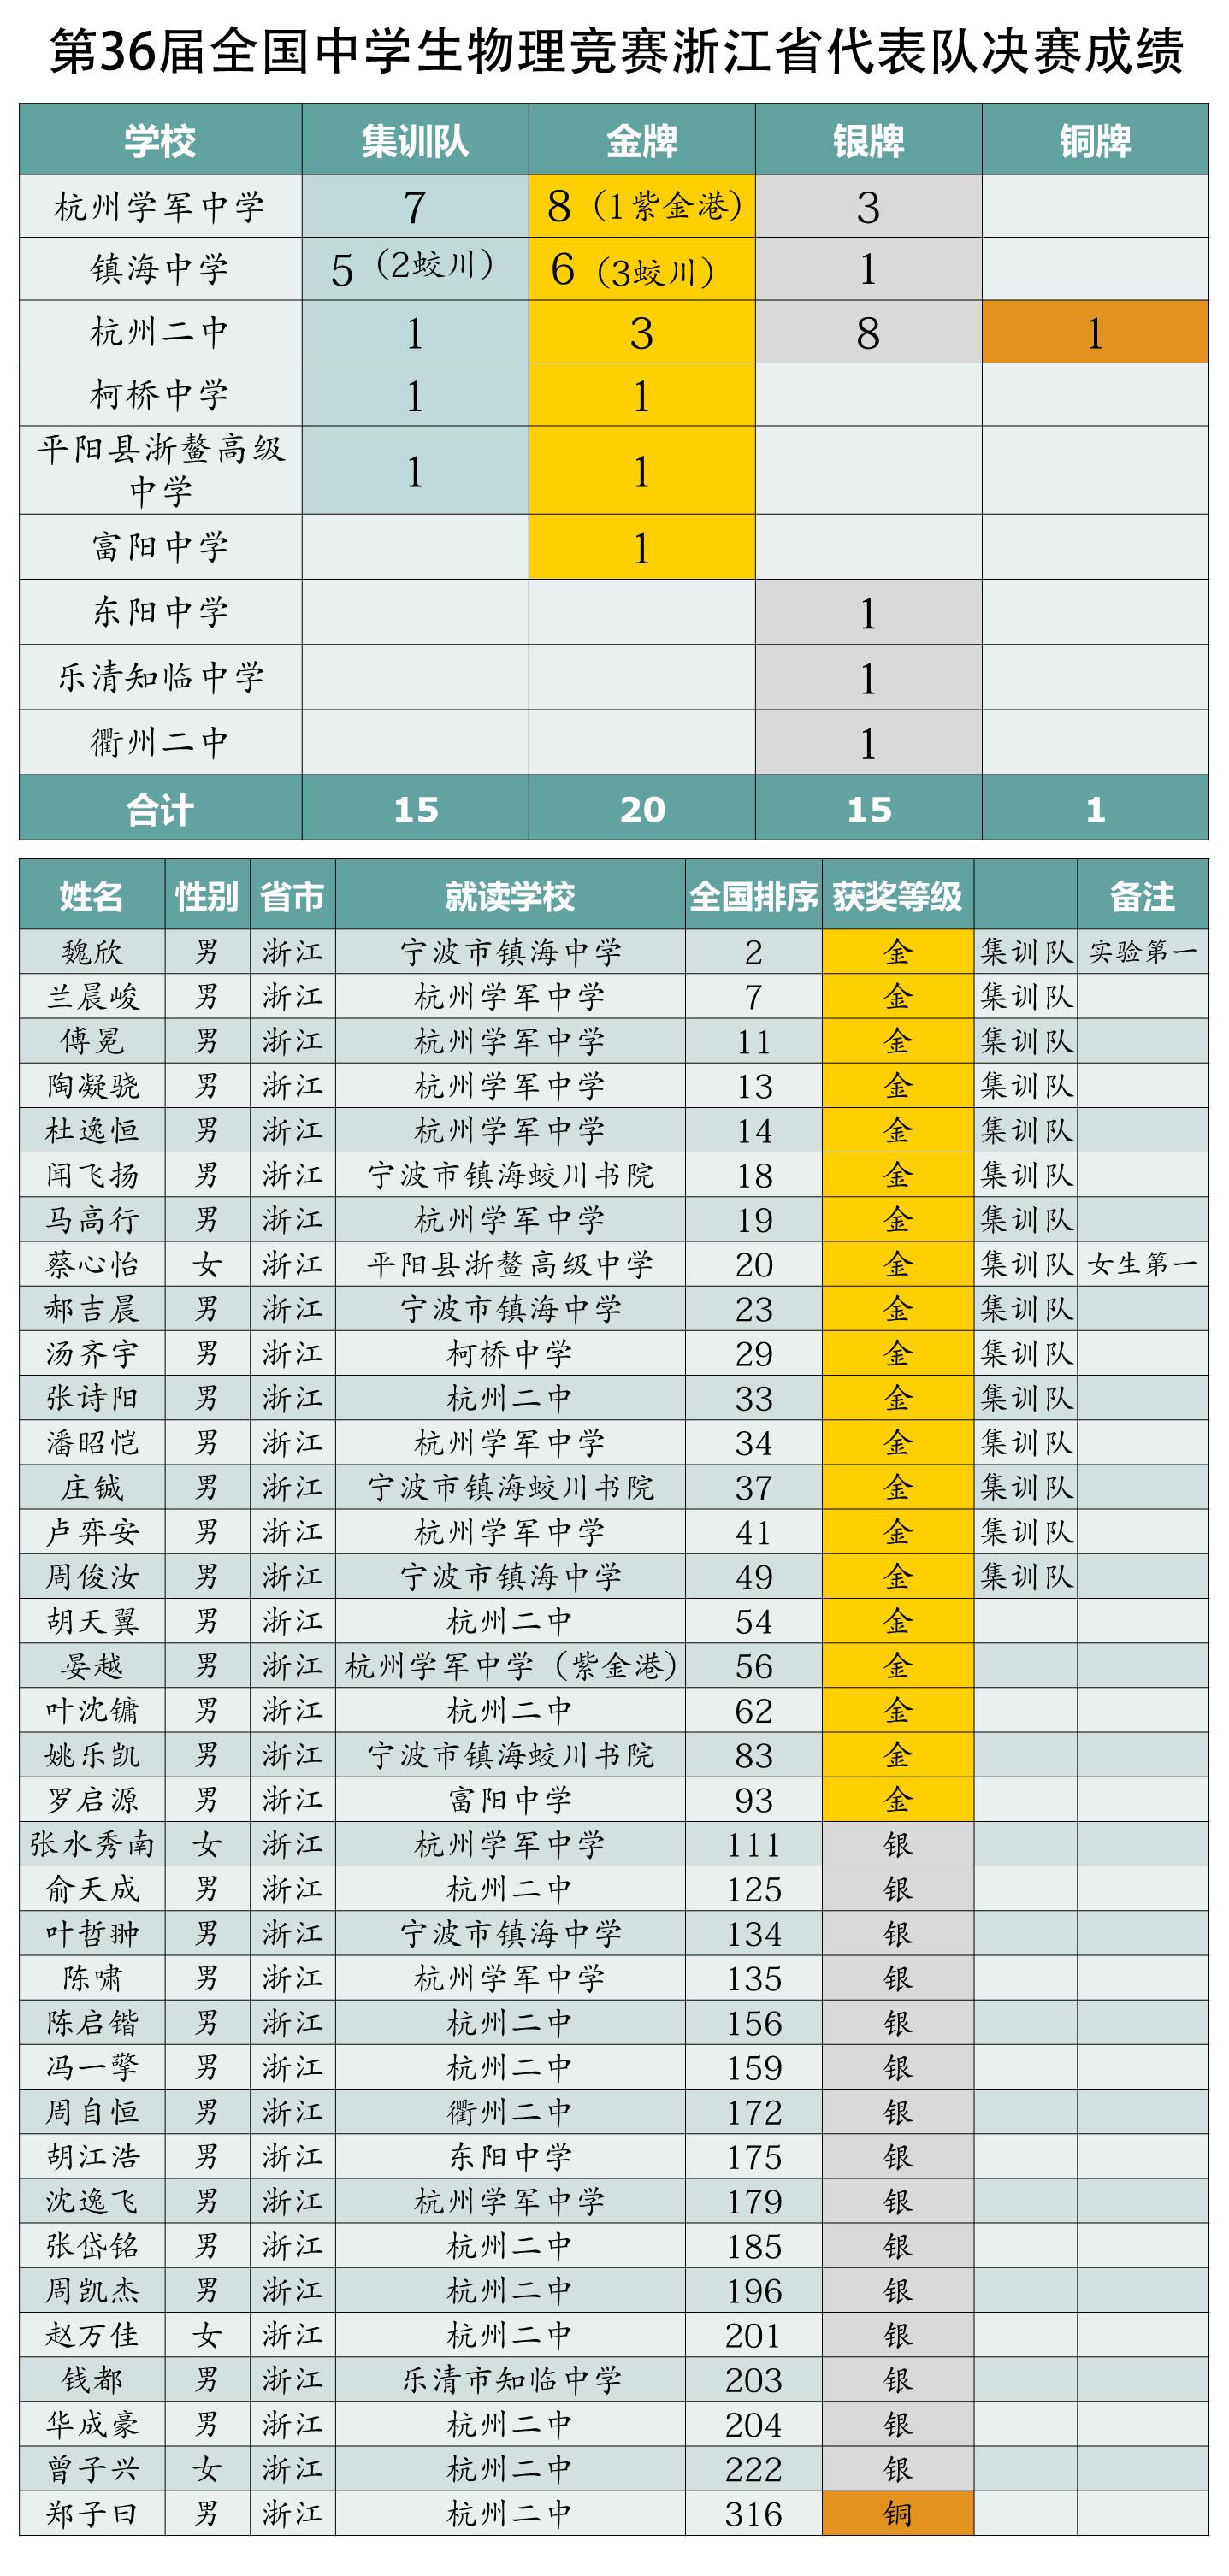 2019年第36届全国中学生物理竞赛浙江获奖学生分别来自哪个中学?